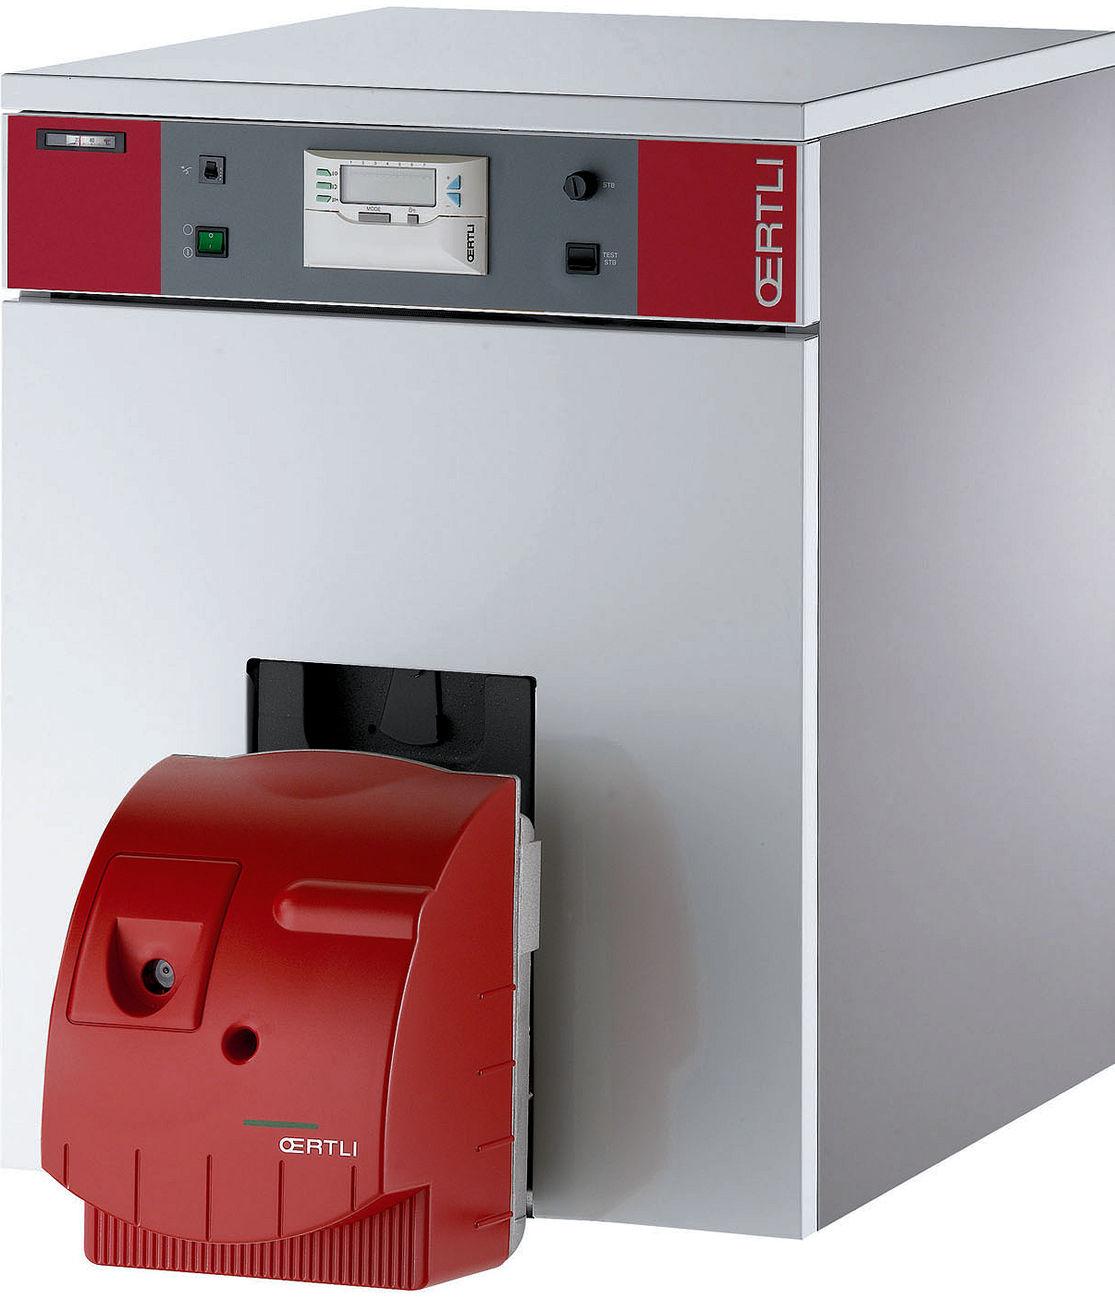 Exemple devis chauffage central gaz devis travaux lorient clermont ferran - Exemple devis chauffage ...